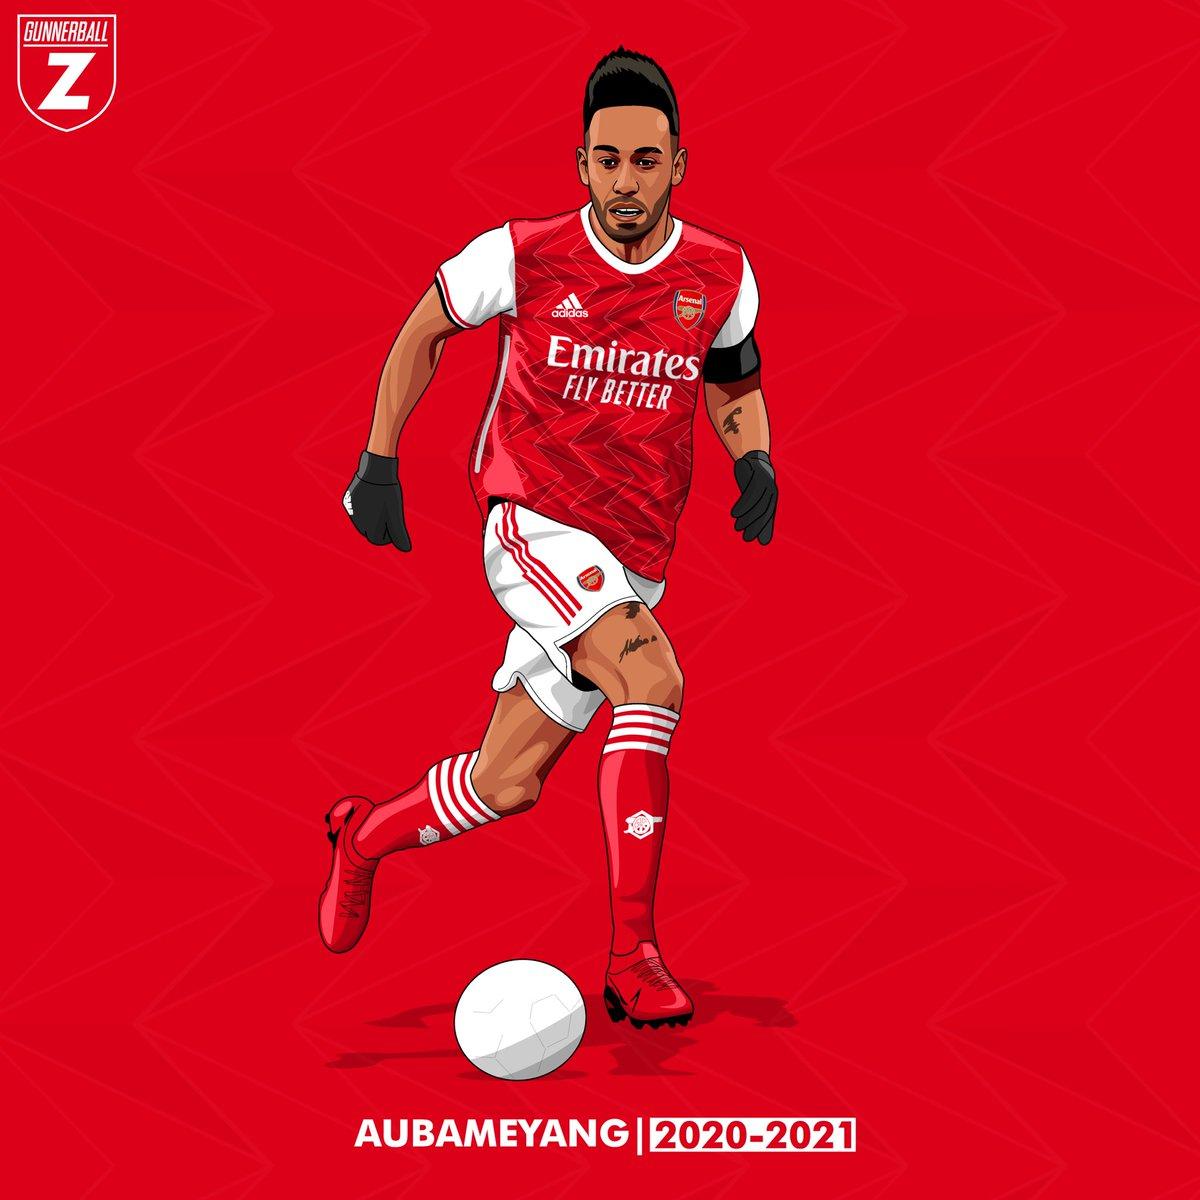 aubameyang 2020 2021 home kit